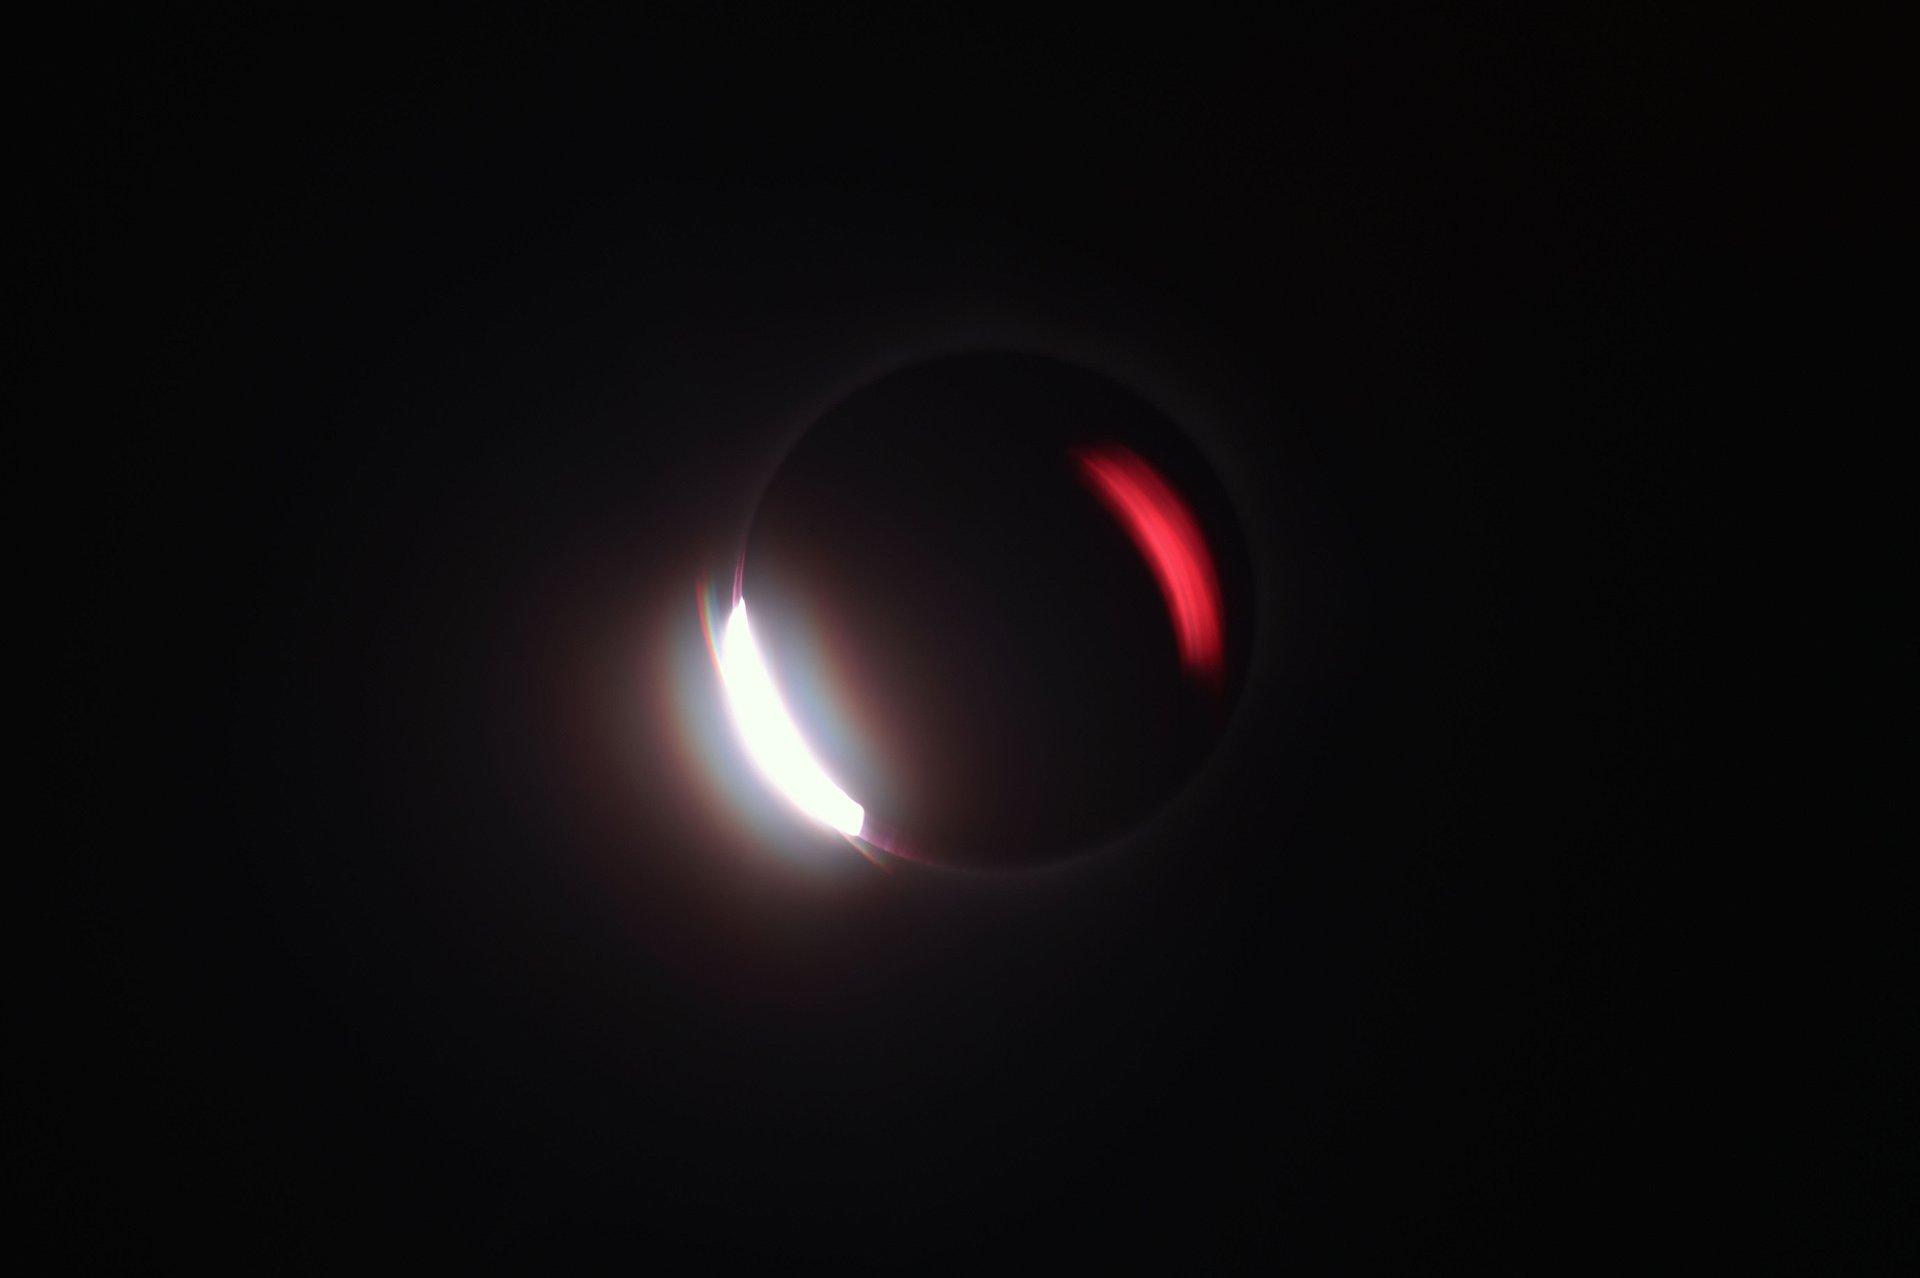 Isla de Maluku, en Indonesia. El eclipse solo pudo verse en los países del sudeste asiático.